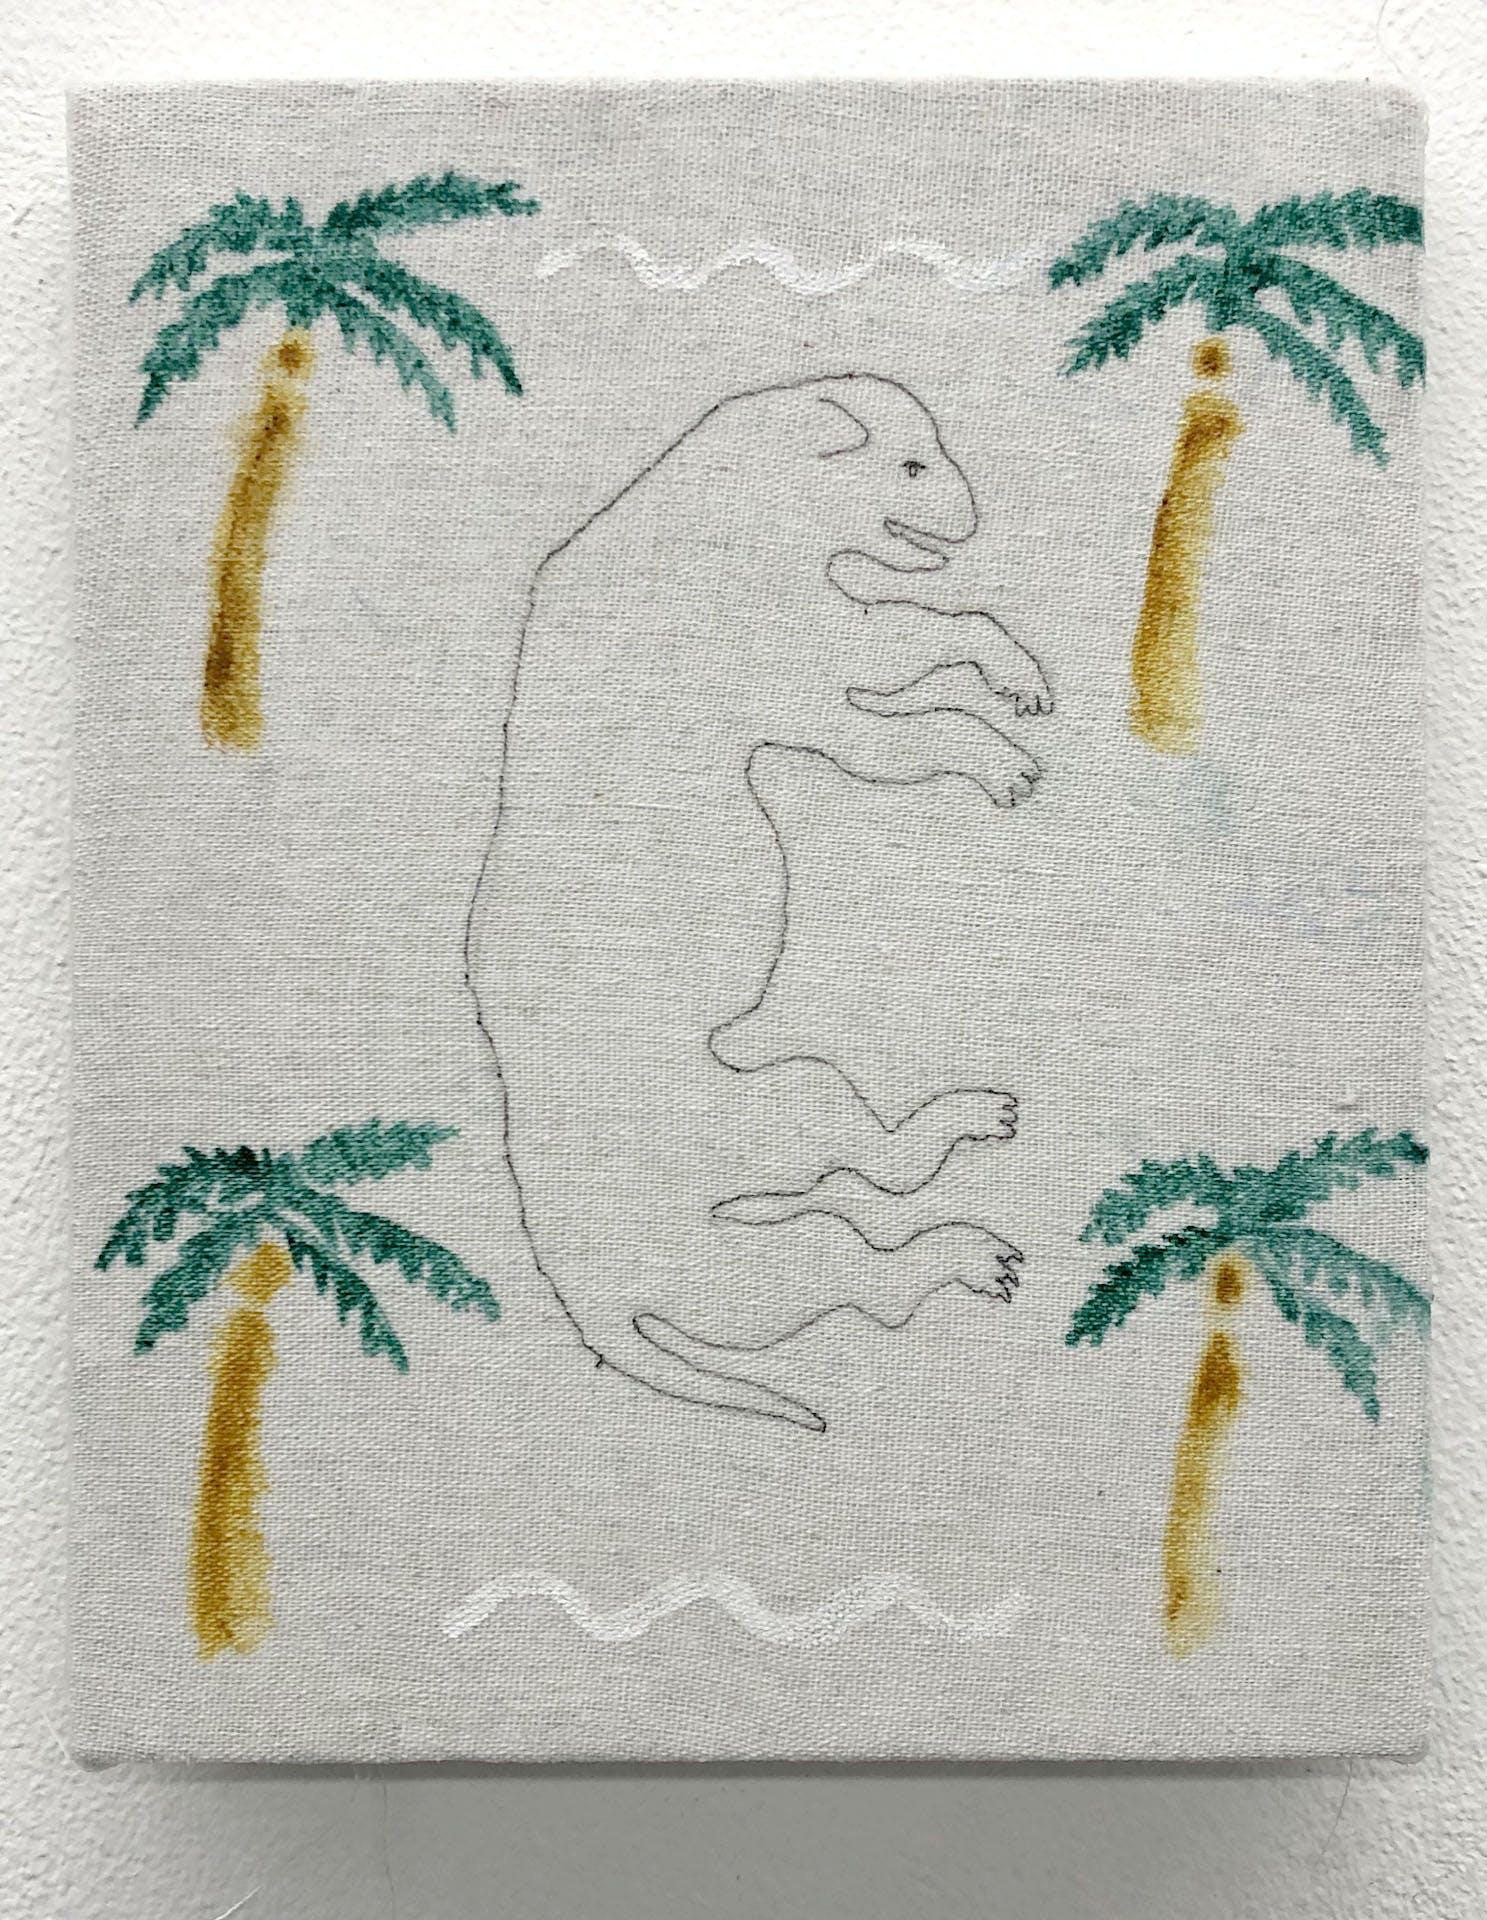 パームツリー/Palm tree